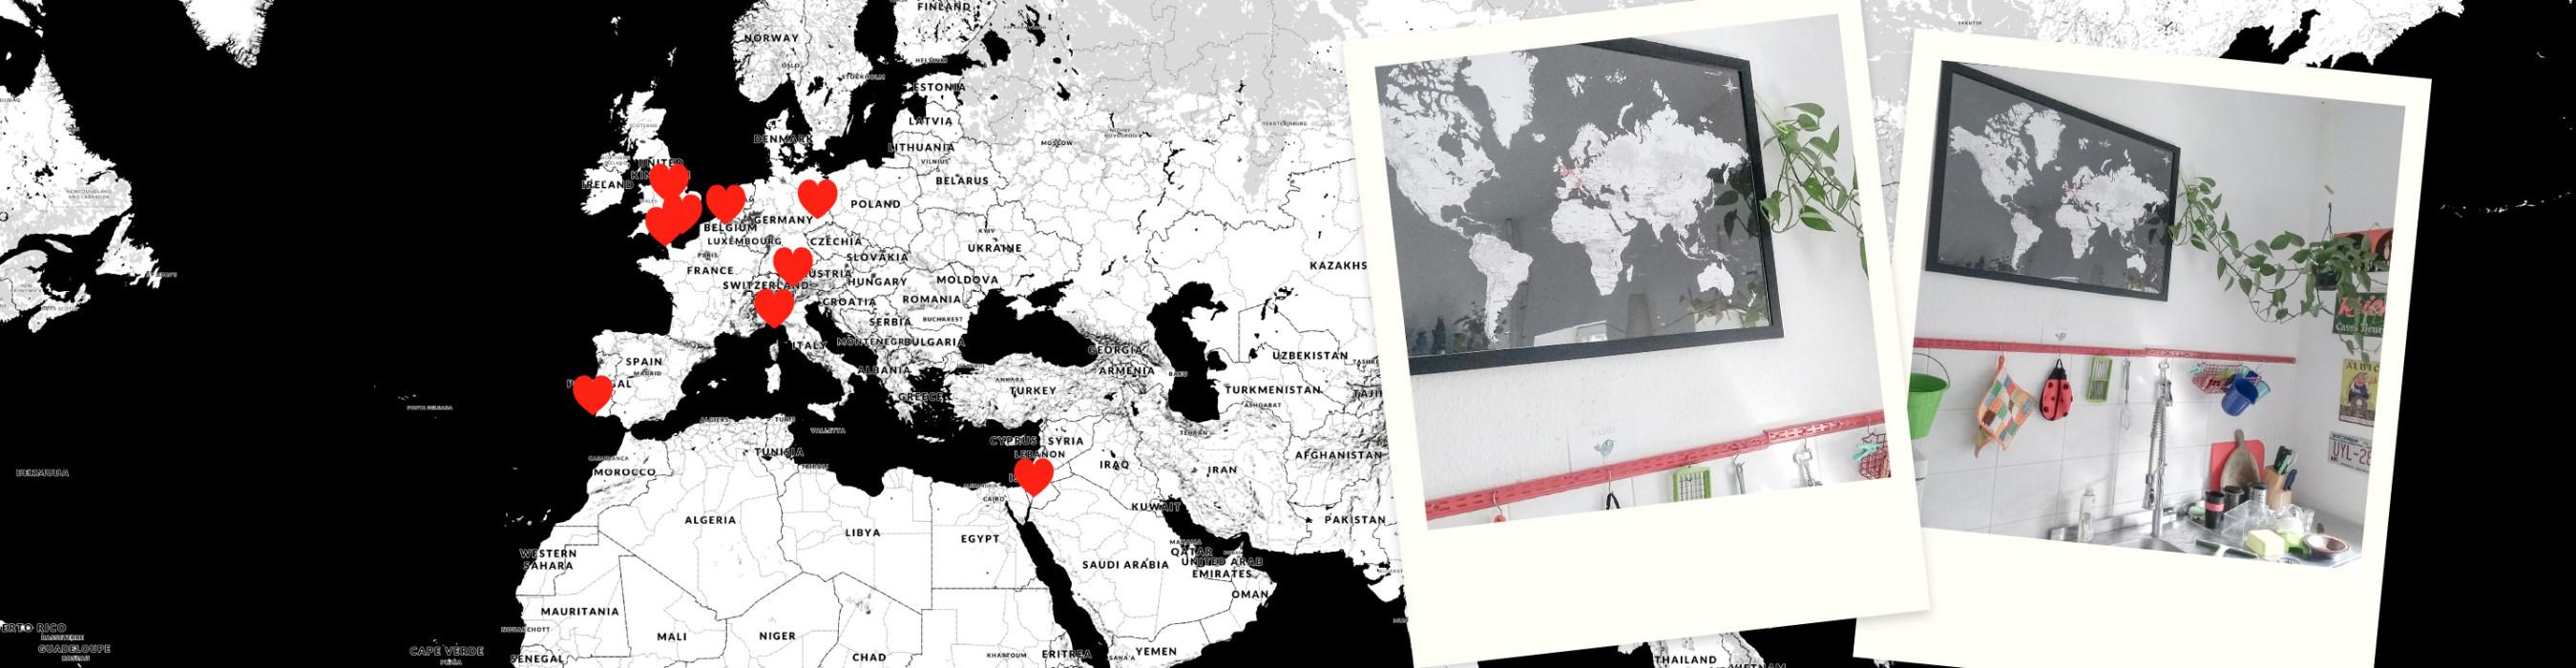 Weltkarte mit den Wohnorten der Ehefrau - das ideale Geschenk